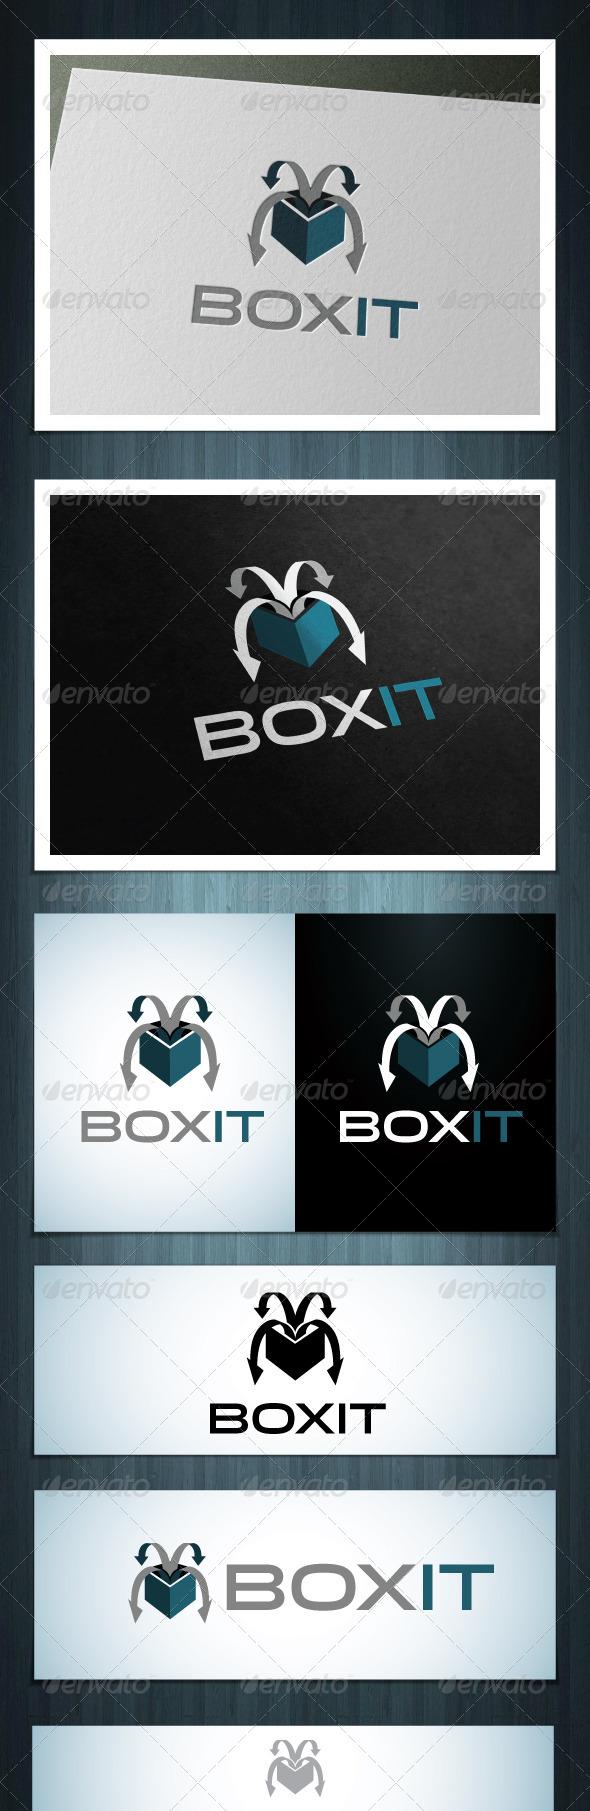 GraphicRiver BoxIT 6352791